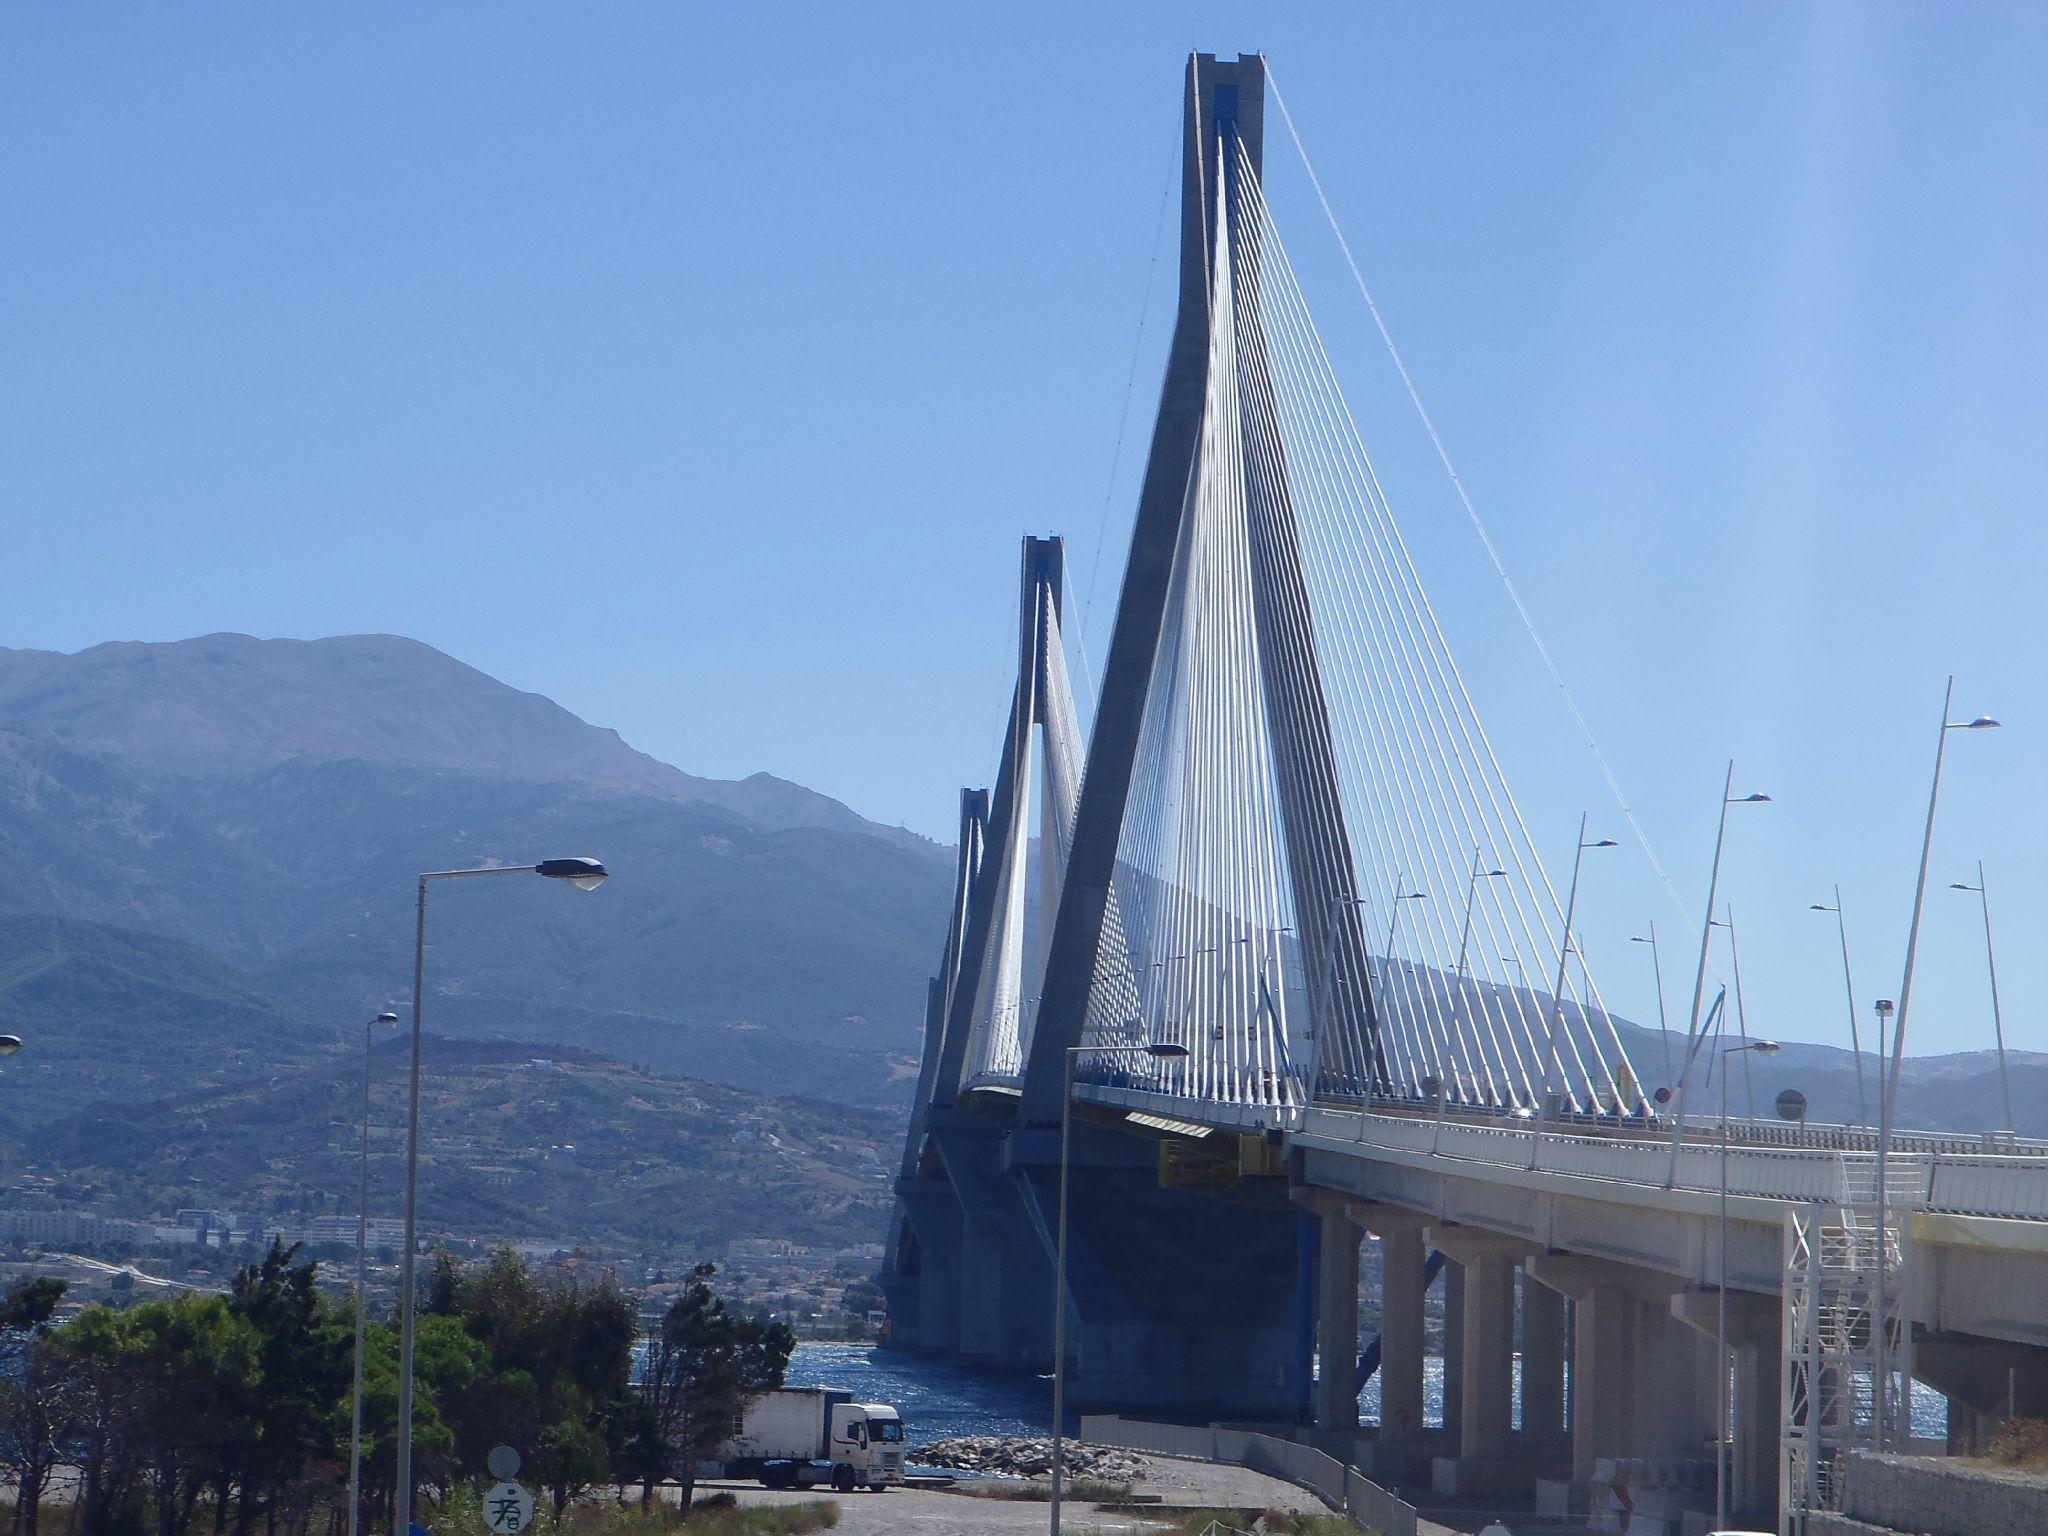 grece pont rion antirion les piliers se dressent tendant l'étoile d'acier